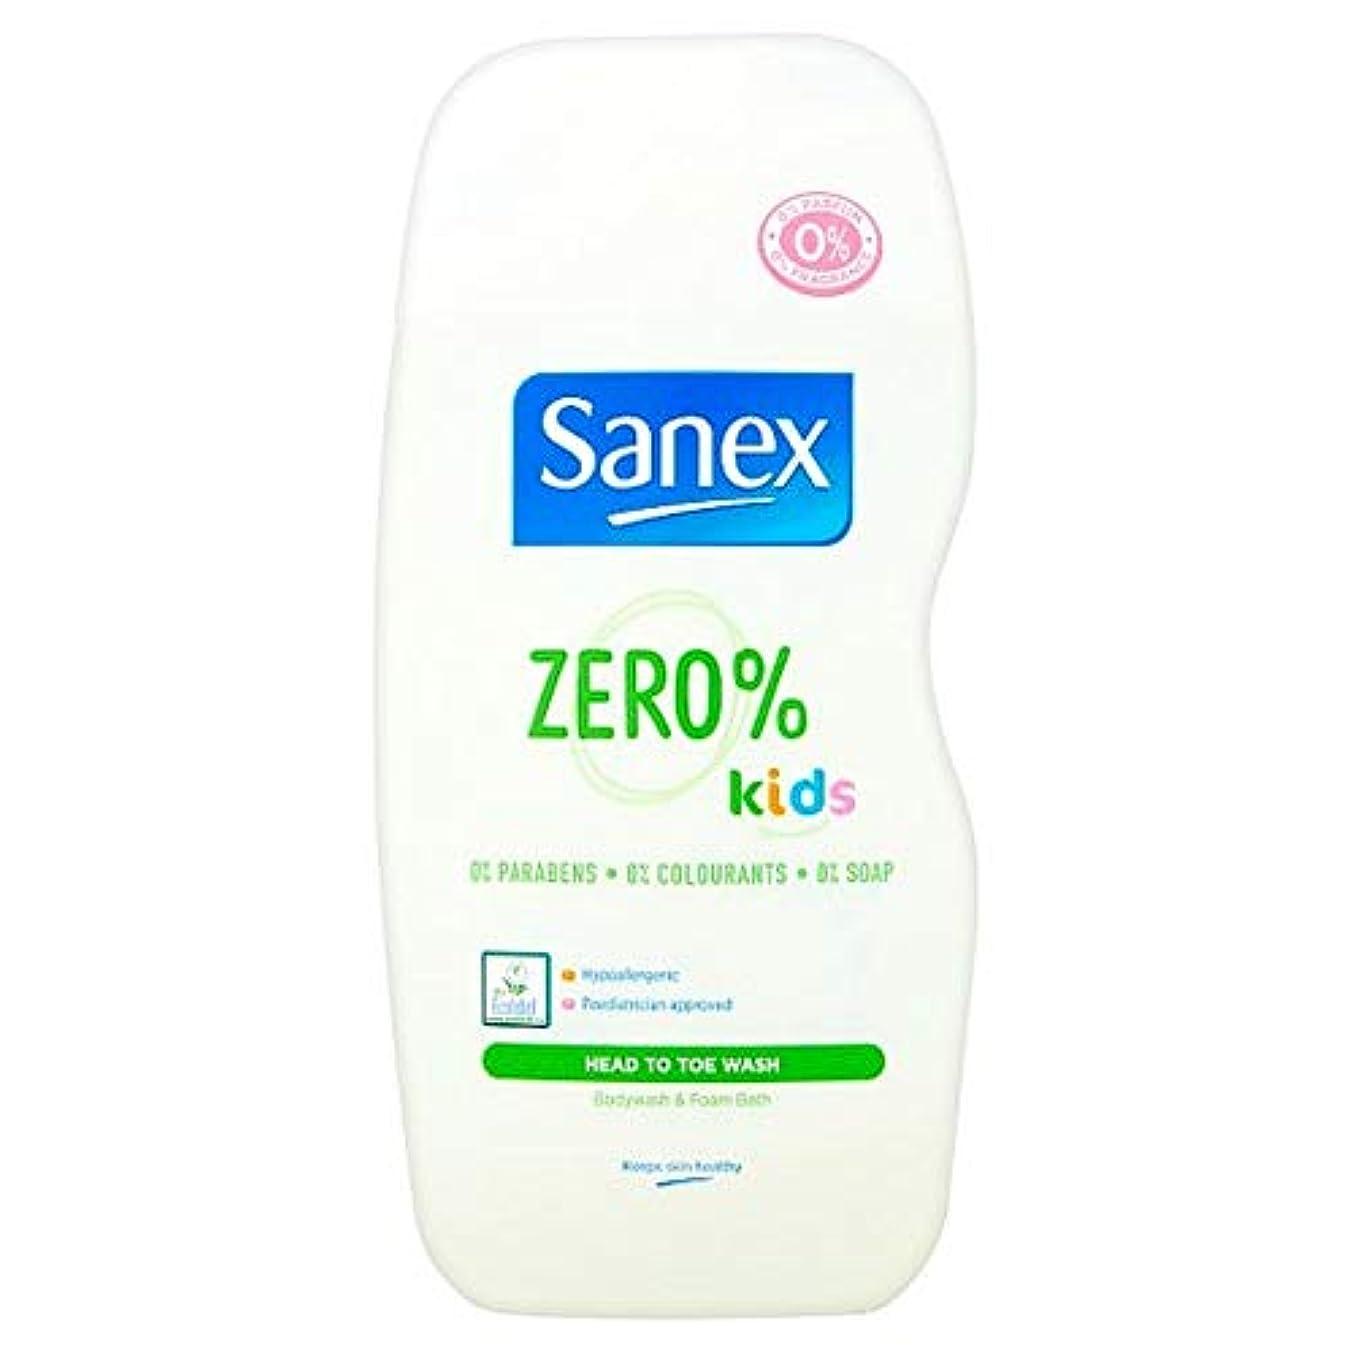 汚れるマウントバンク怠な[Sanex] Sanexゼロ%キッズボディウォッシュとFoambath 500ミリリットル - Sanex Zero% Kids Body Wash And Foambath 500Ml [並行輸入品]